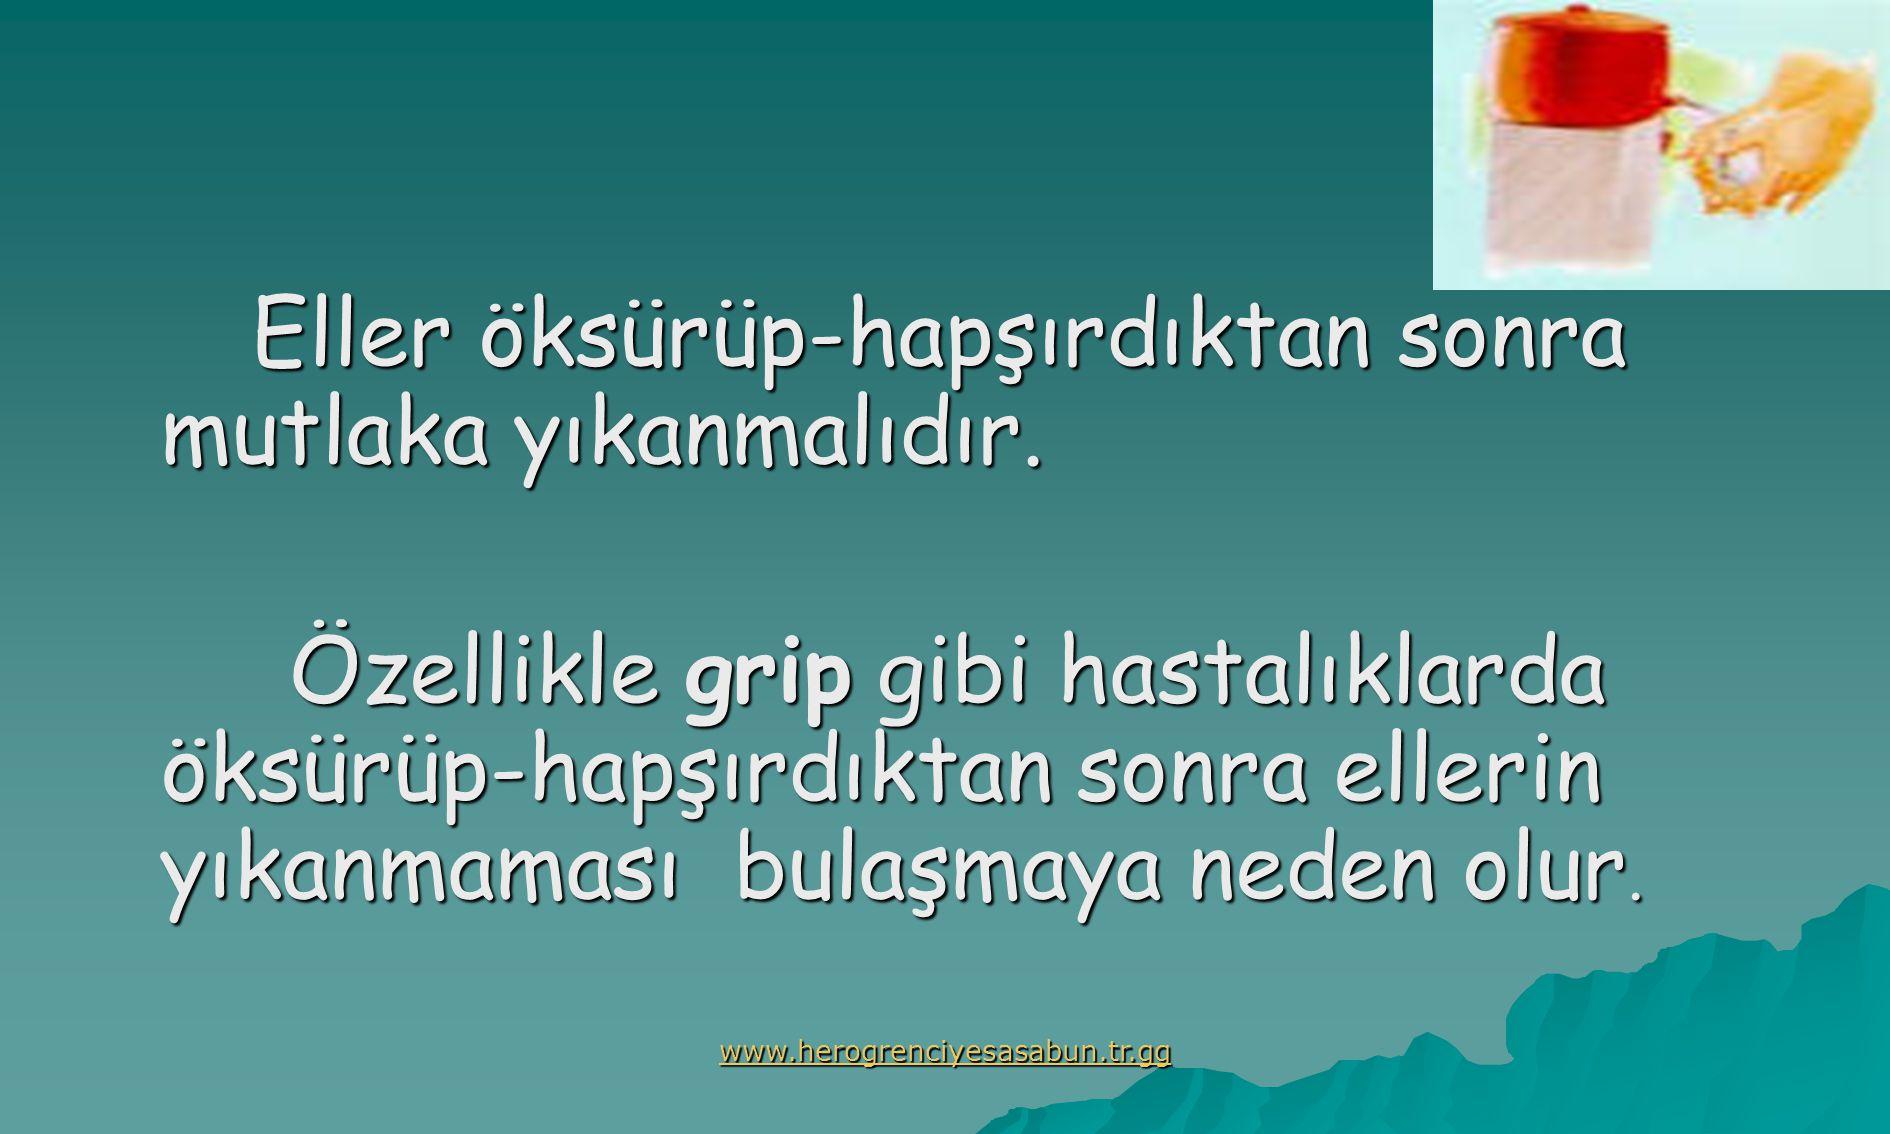 www.herogrenciyesasabun.tr.gg Eller öksürüp-hapşırdıktan sonra mutlaka yıkanmalıdır.